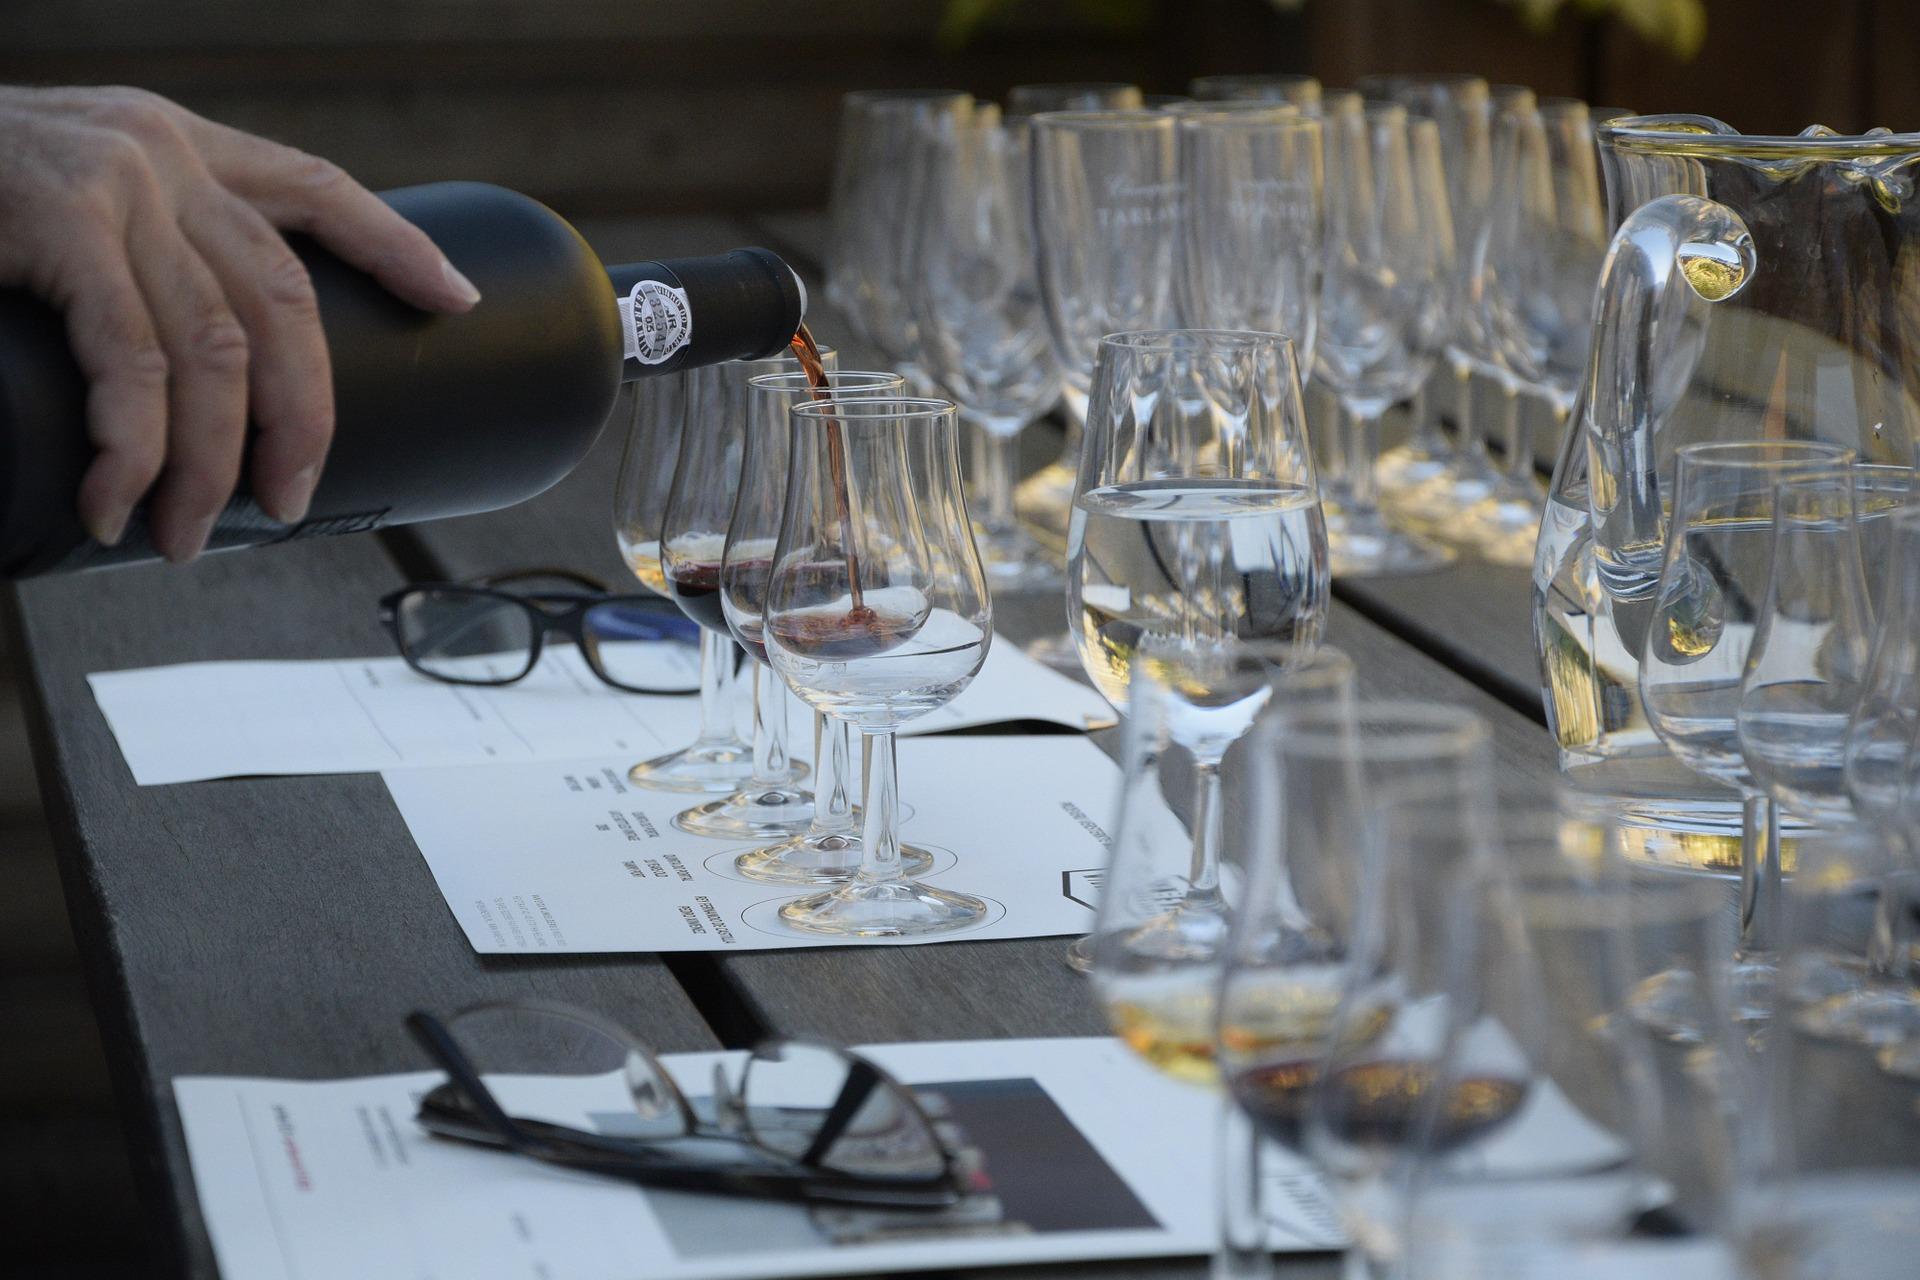 Cómo disfrutar de una cata de vinos: consejos básicos